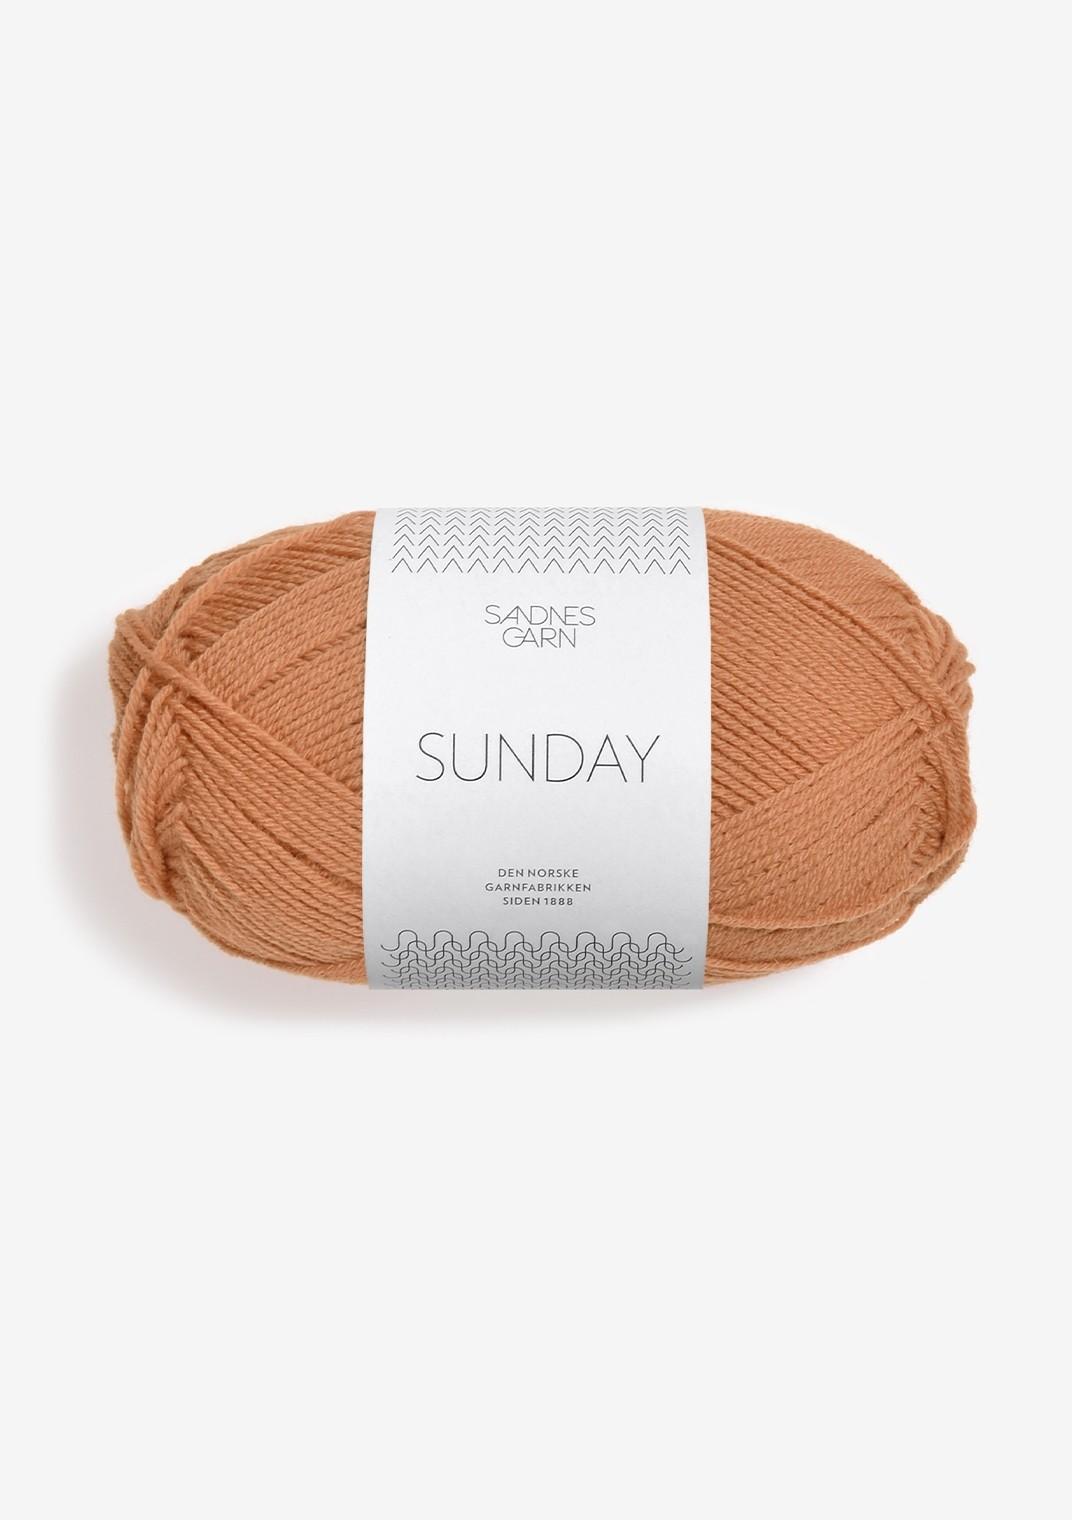 SANDNES 2534 fudge Sunday